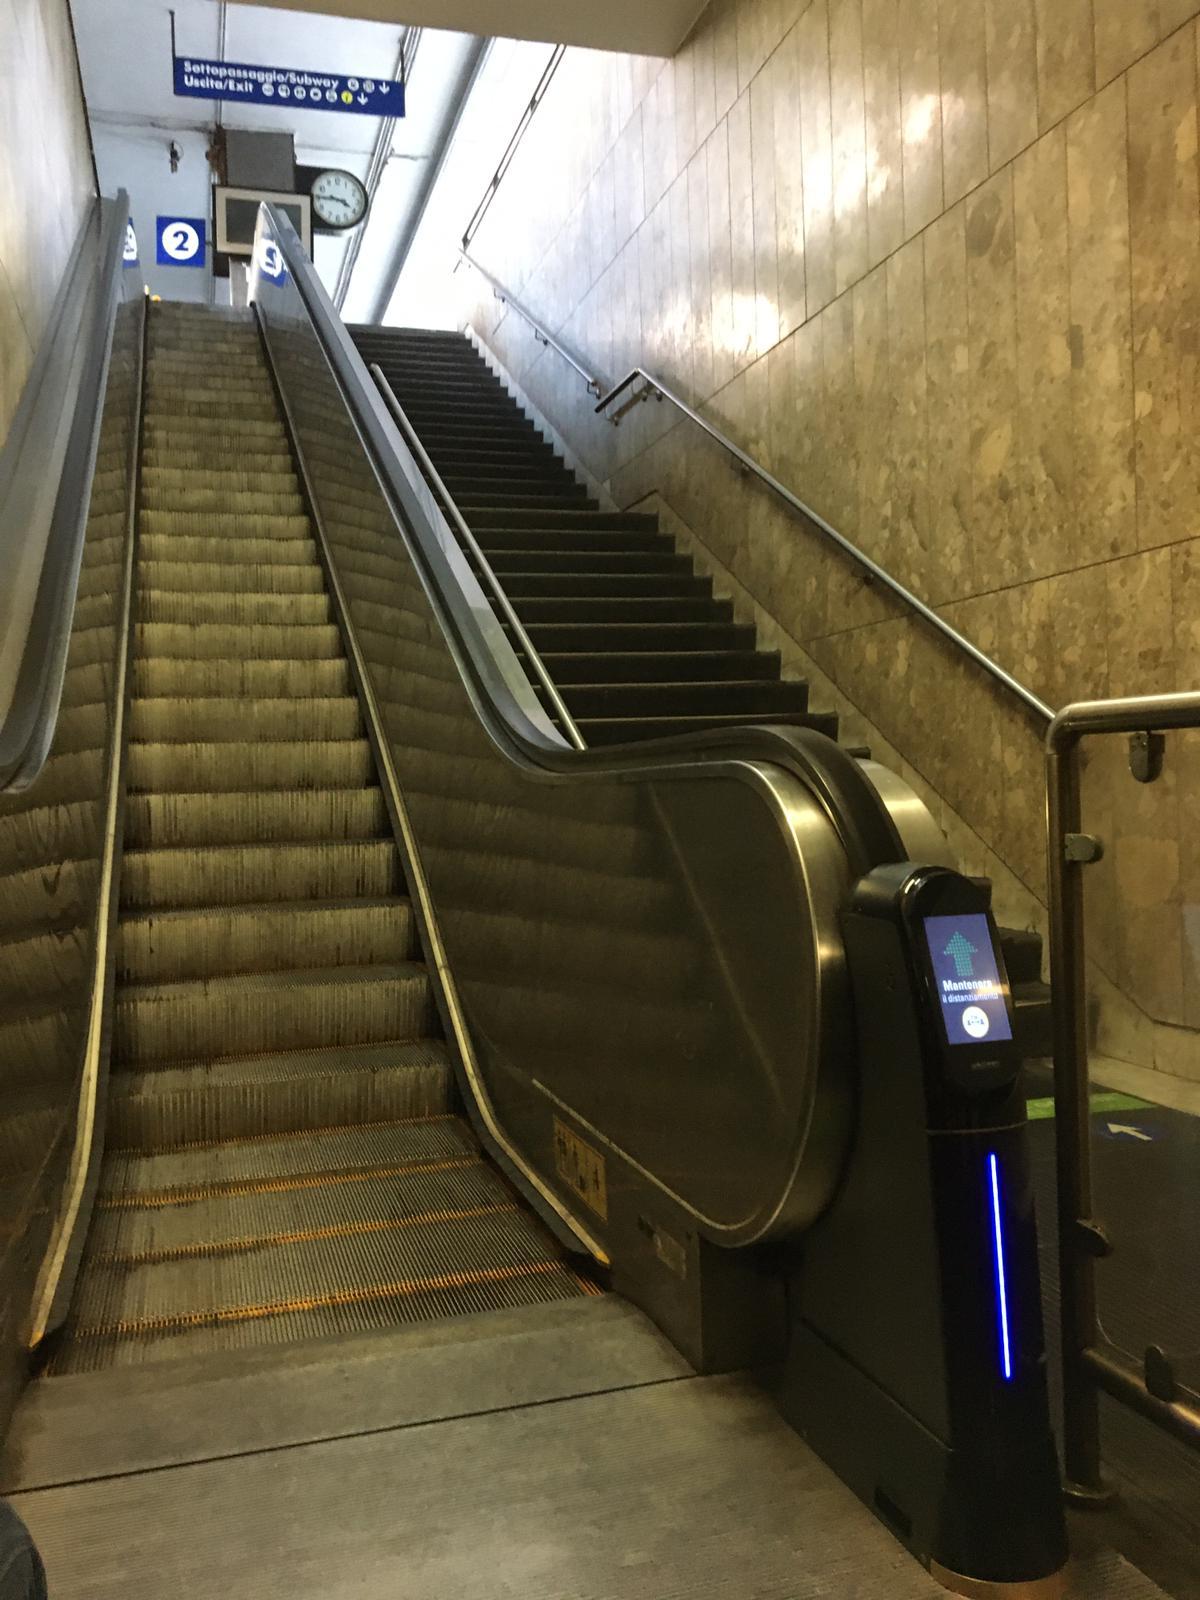 이태리 나폴리 지역의 전철역에 시범 설치된 위클린